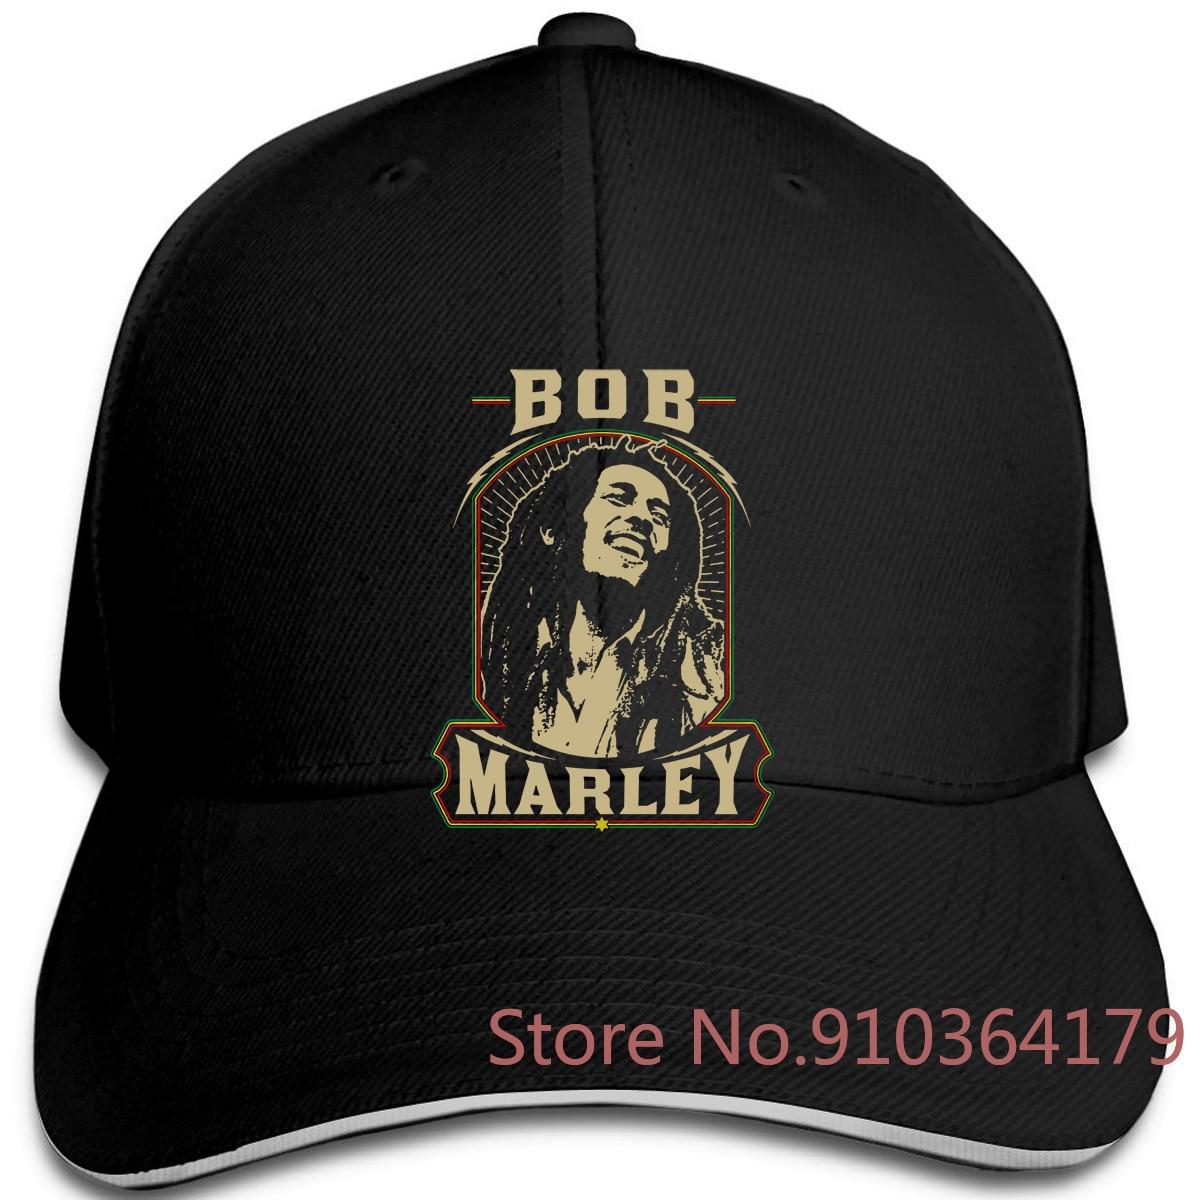 Gorra de béisbol ajustable con estampado Premium Reggae Bob Marley para hombre y mujer